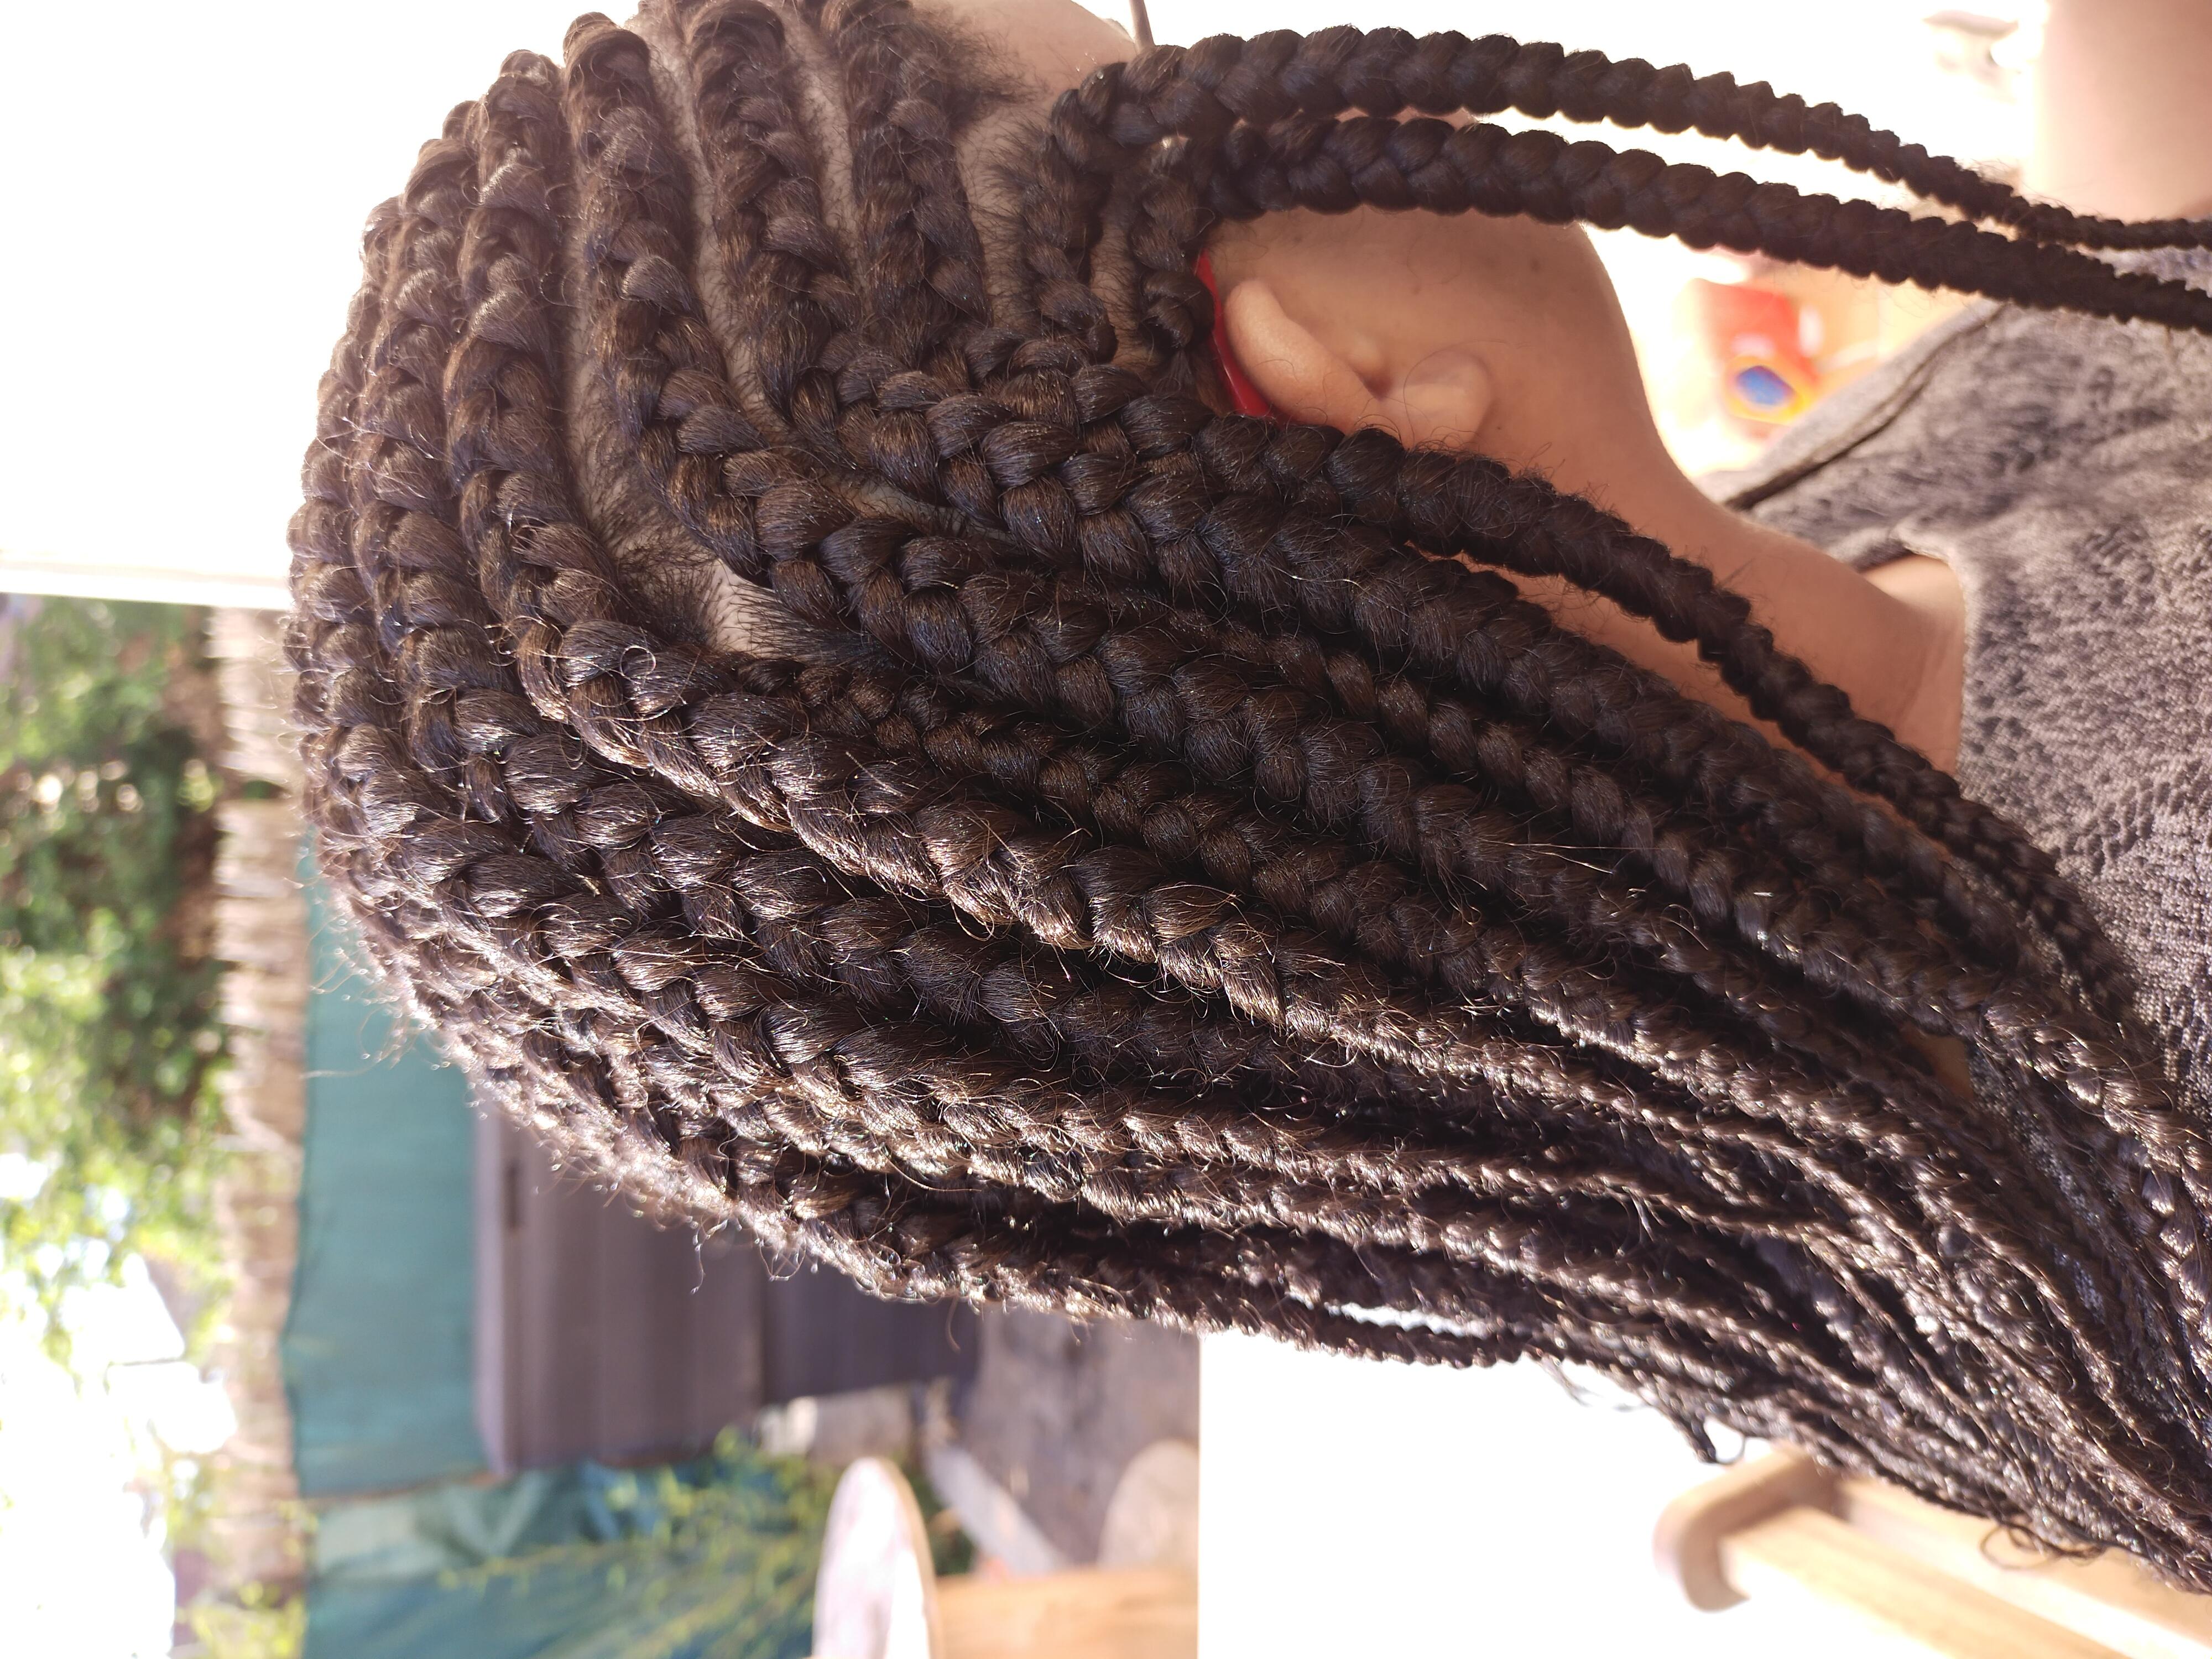 salon de coiffure afro tresse tresses box braids crochet braids vanilles tissages paris 75 77 78 91 92 93 94 95 NIDGNSRP